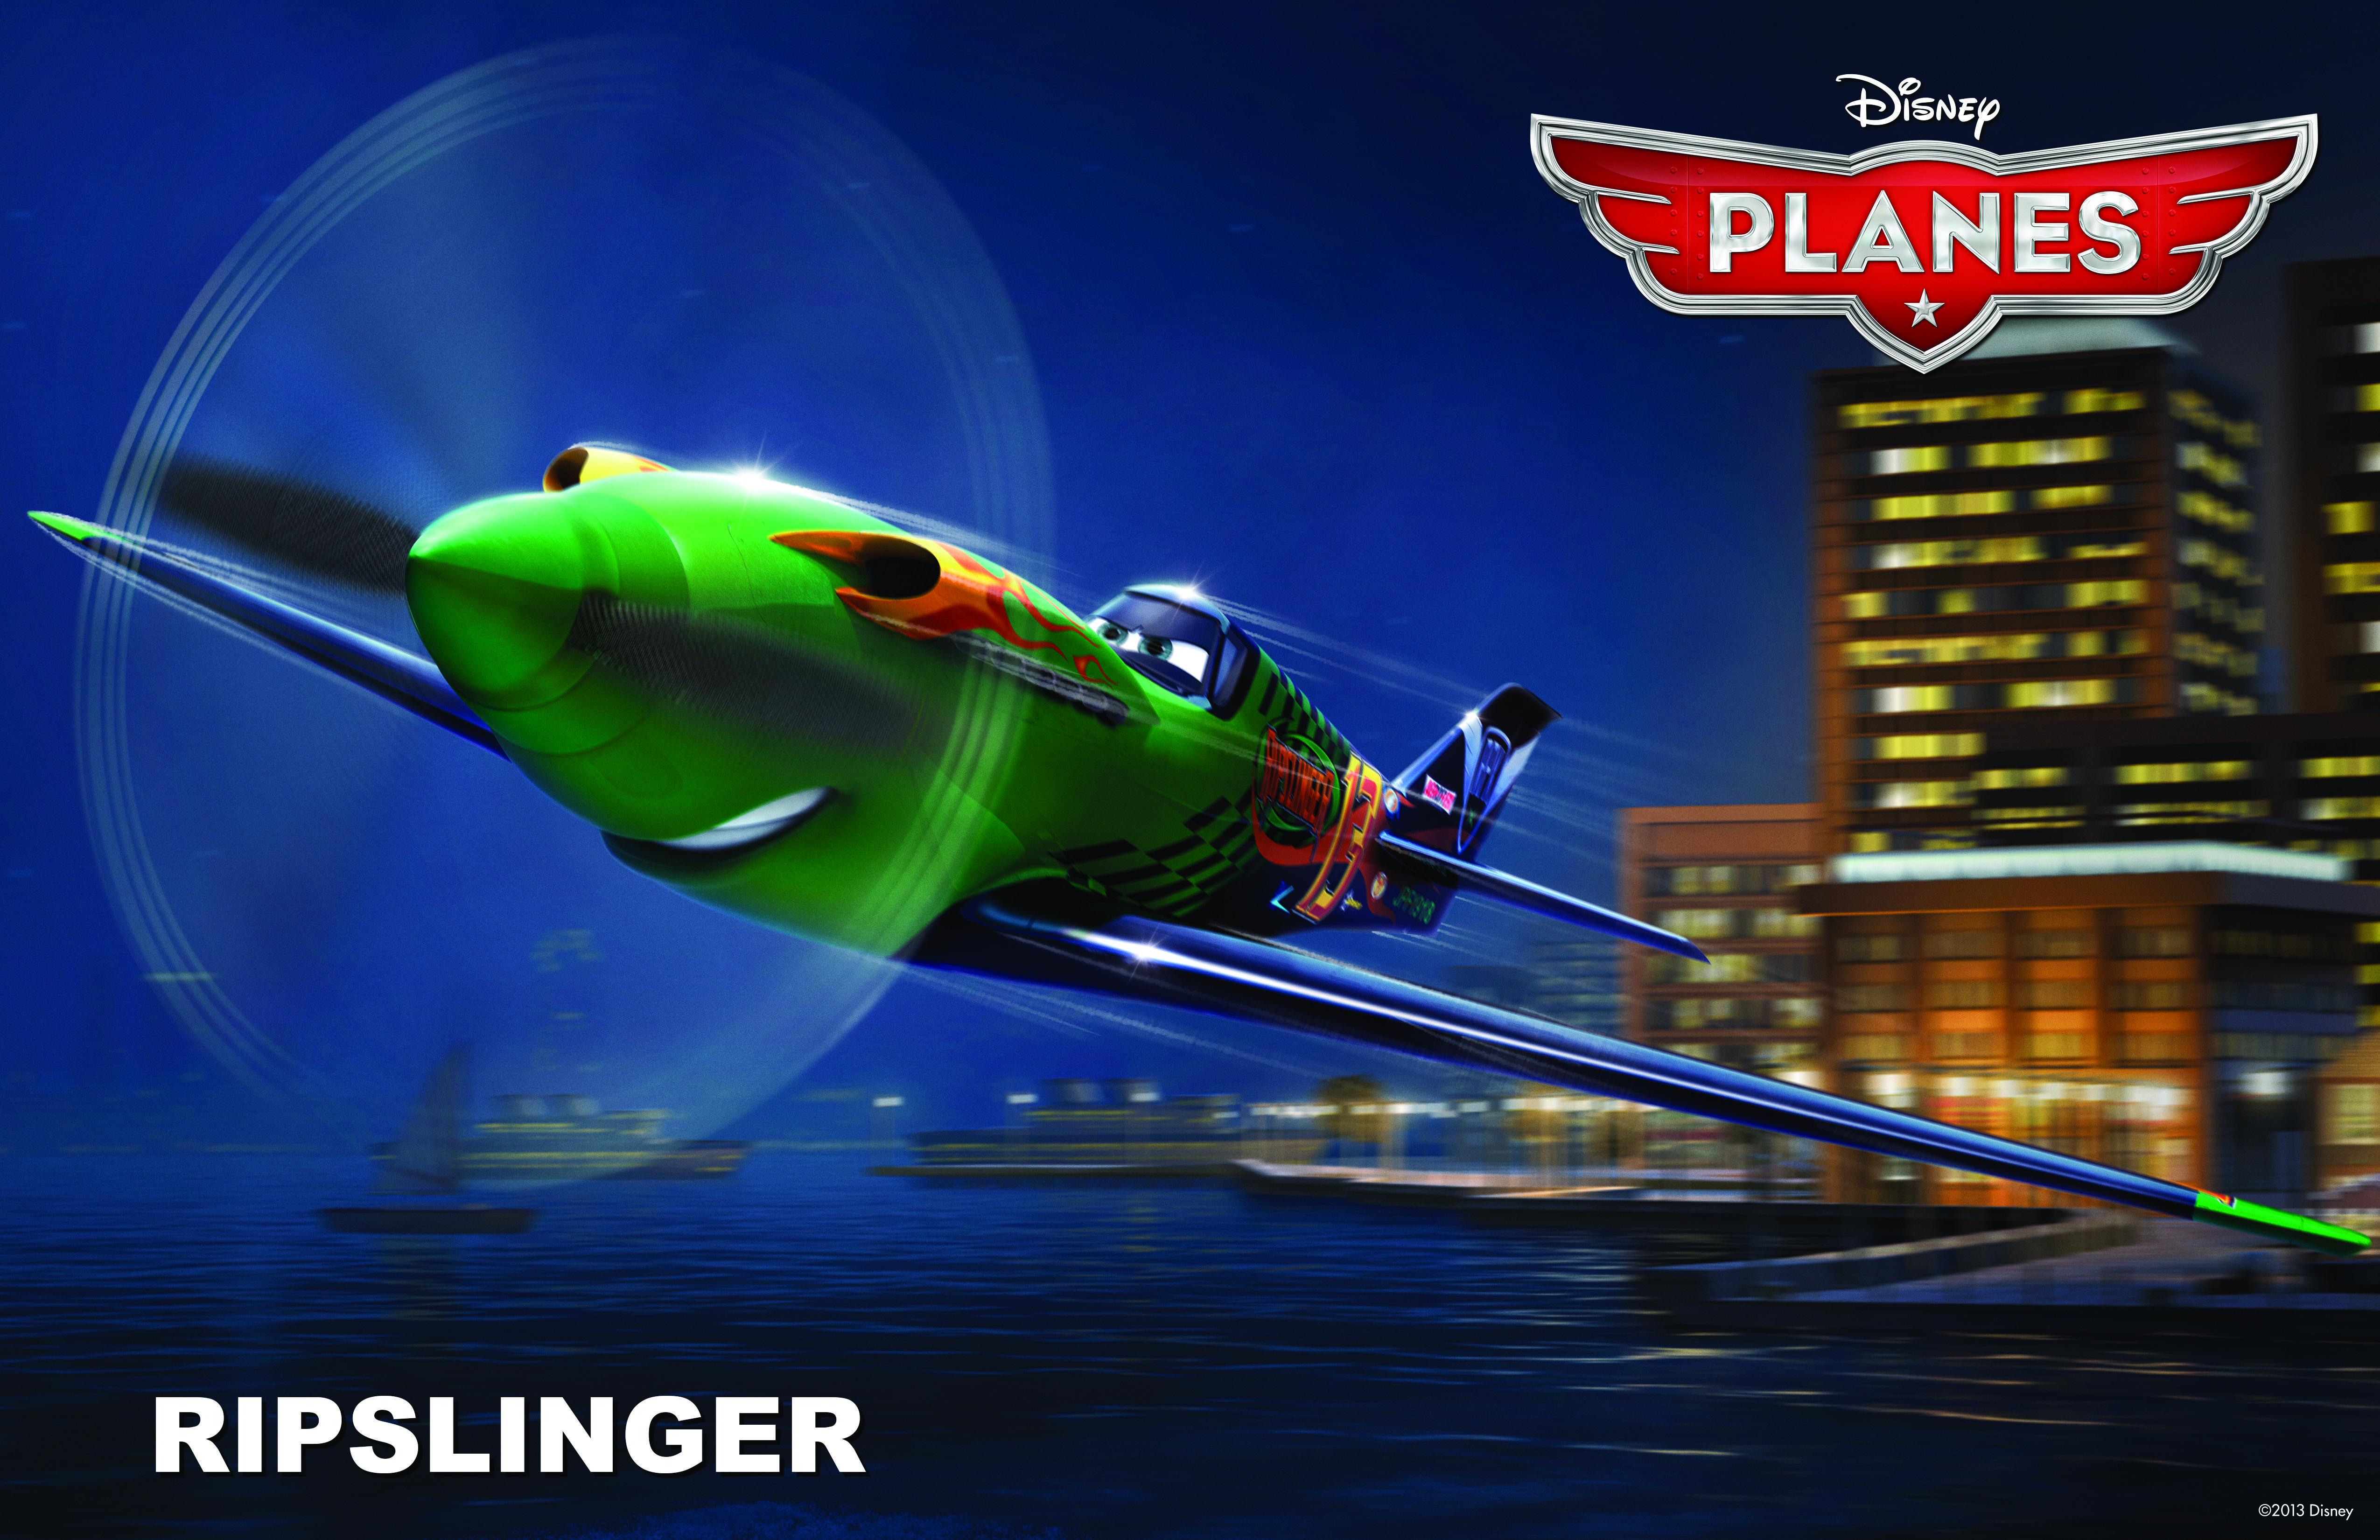 disney planes ripslinger wallpaper 50461